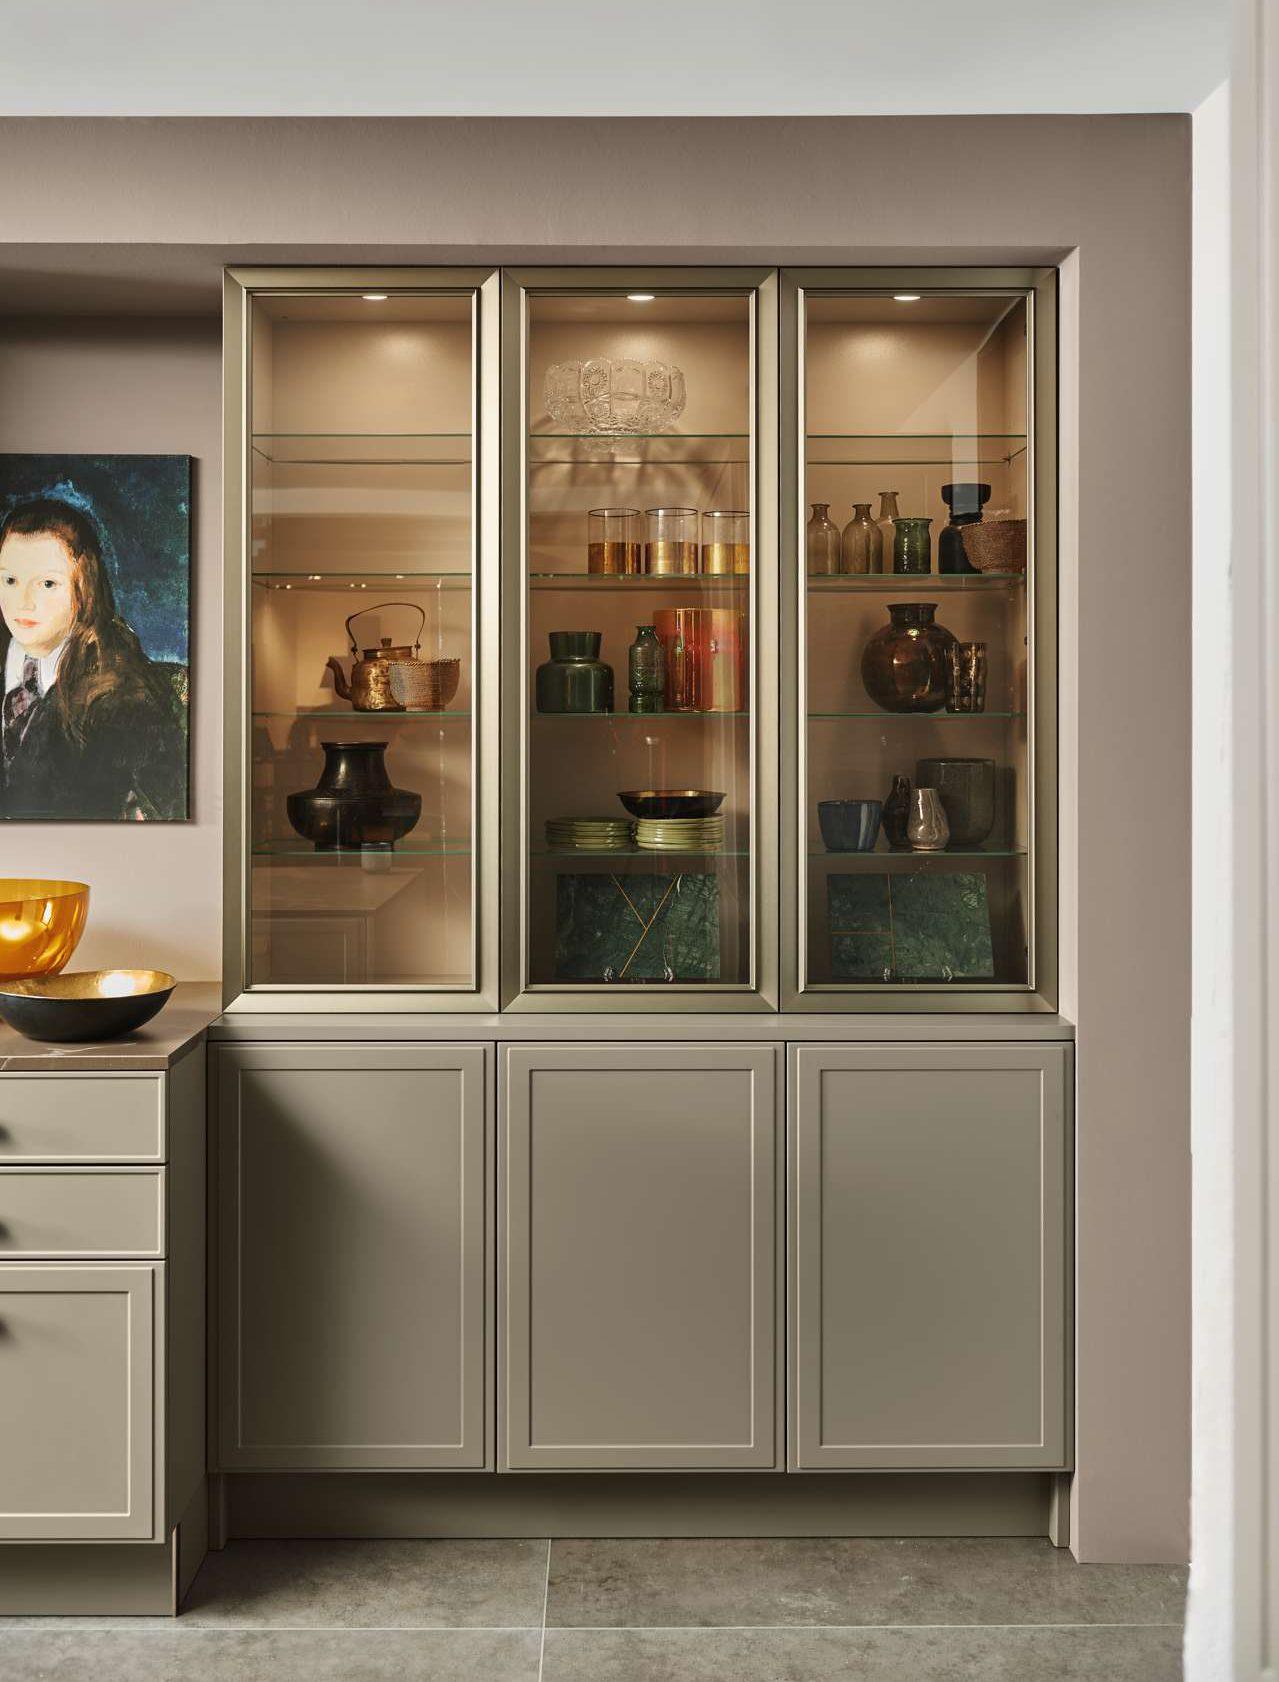 ... Glas Und Eine Dezente Beleuchtung: Mit Abgestimmten Details Wie Diesen  Setzt Die Neue Klassik Auf Ein Rundum Harmonisches Gesamtbild. Foto: Nolte  Küchen